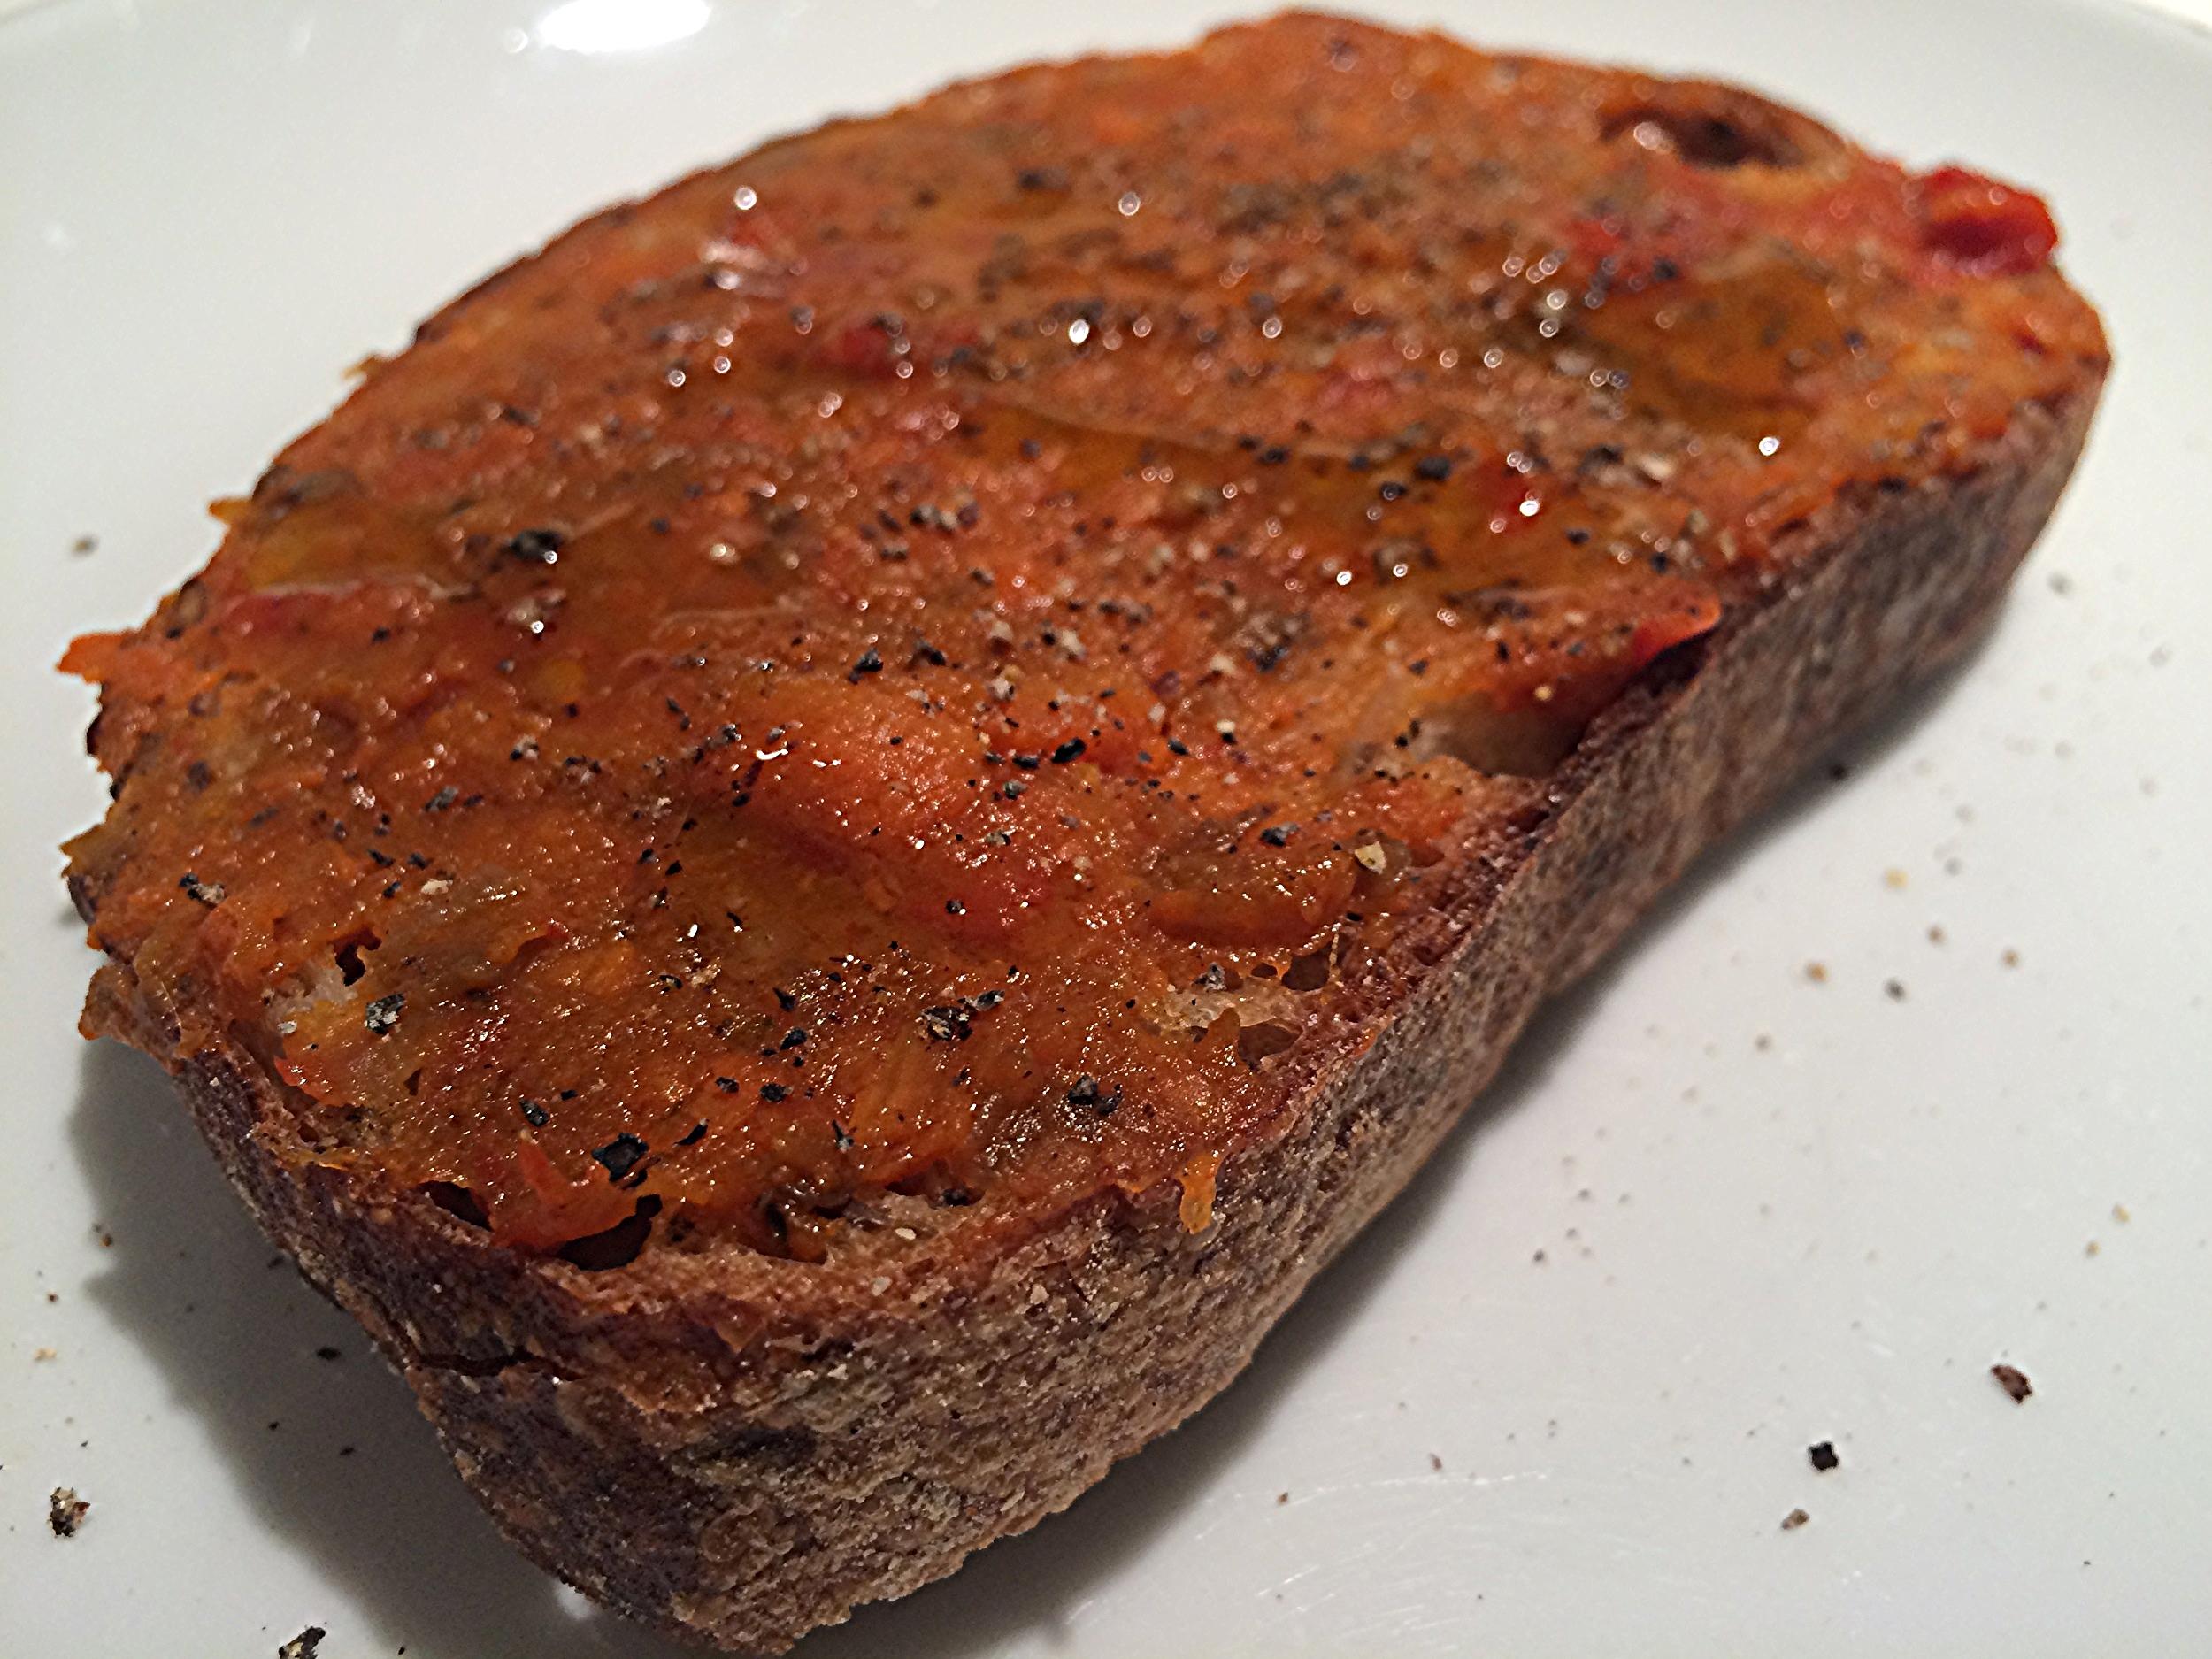 No pão. Um sabor adocicado, picante e defumado, com textura de vegetais em pedaços.